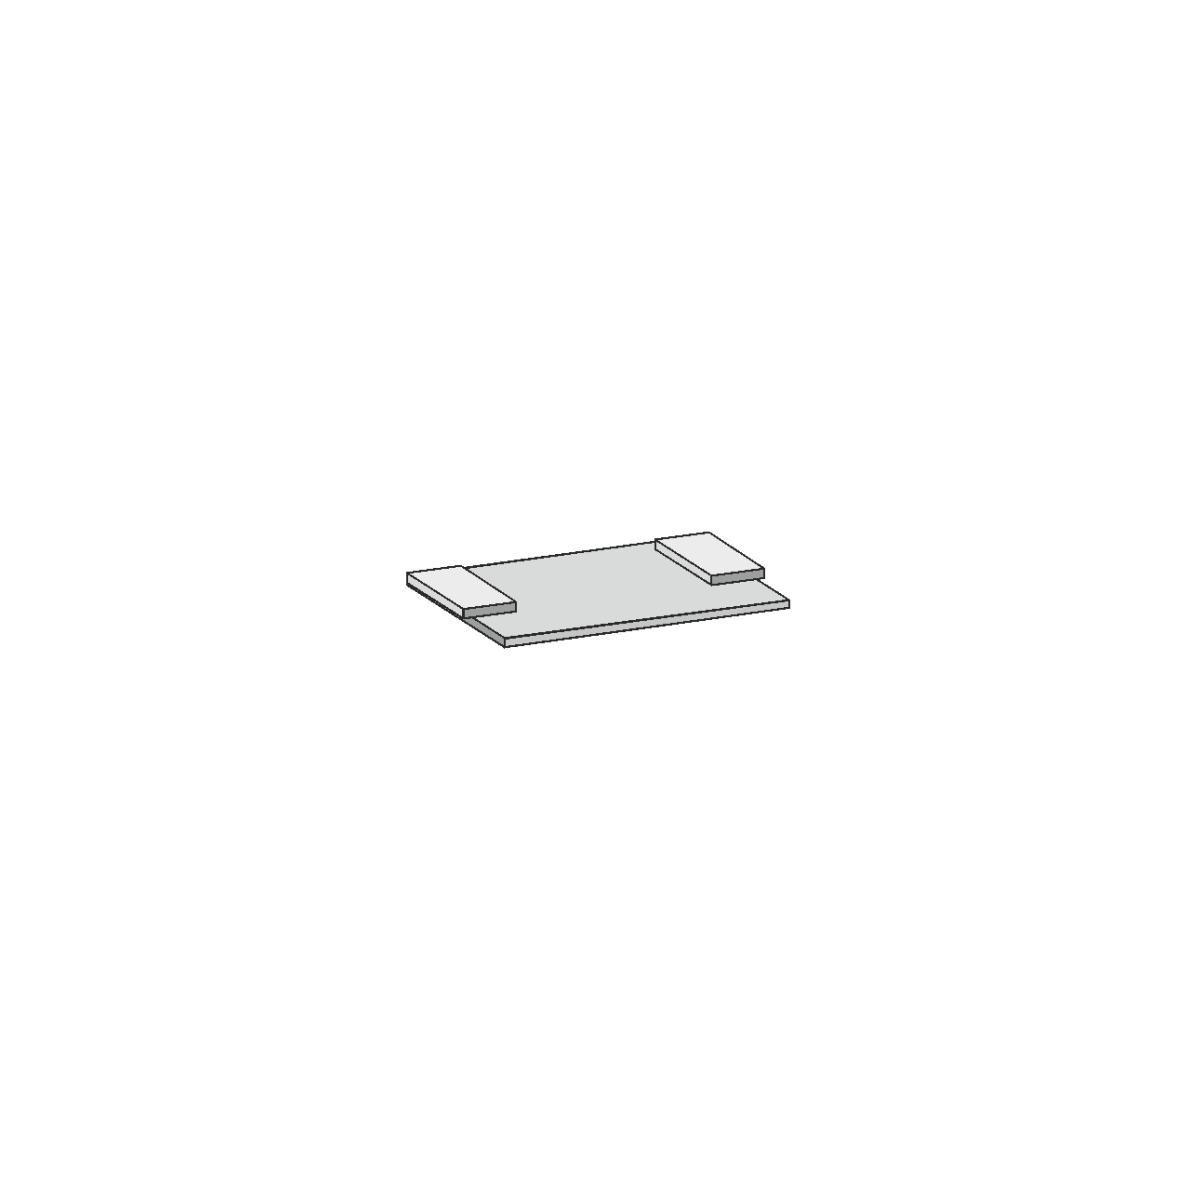 Полка для классической вытяжки 600Д Анжелика